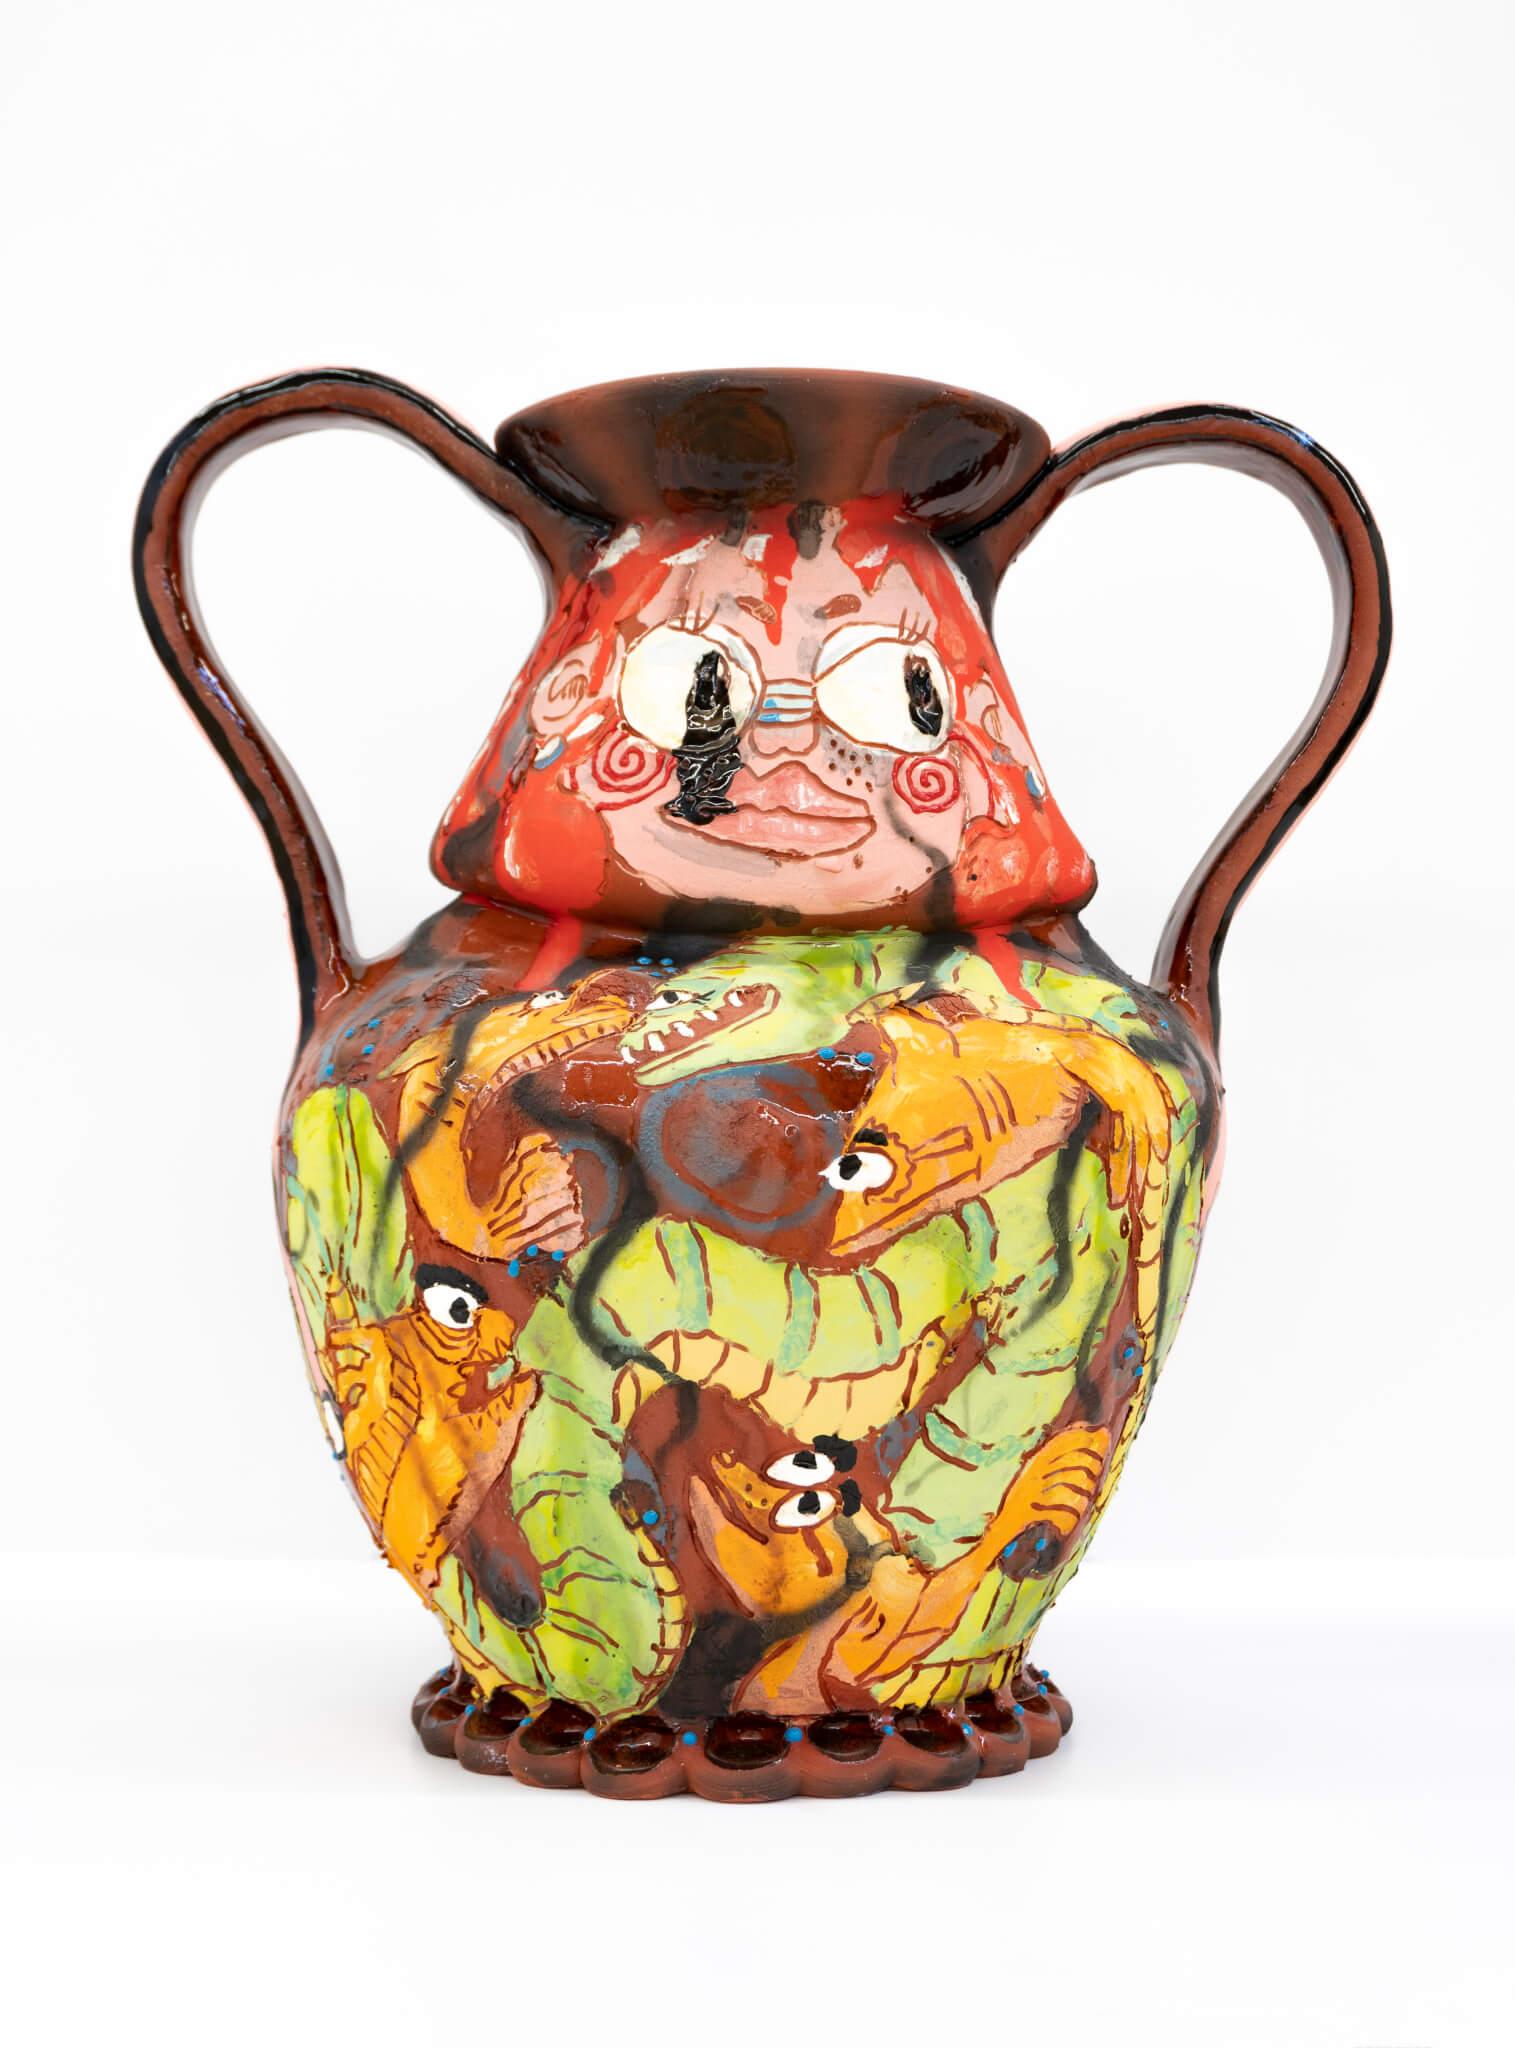 Farrag, Redqueen Jar, 2019 (SF 19.033) A